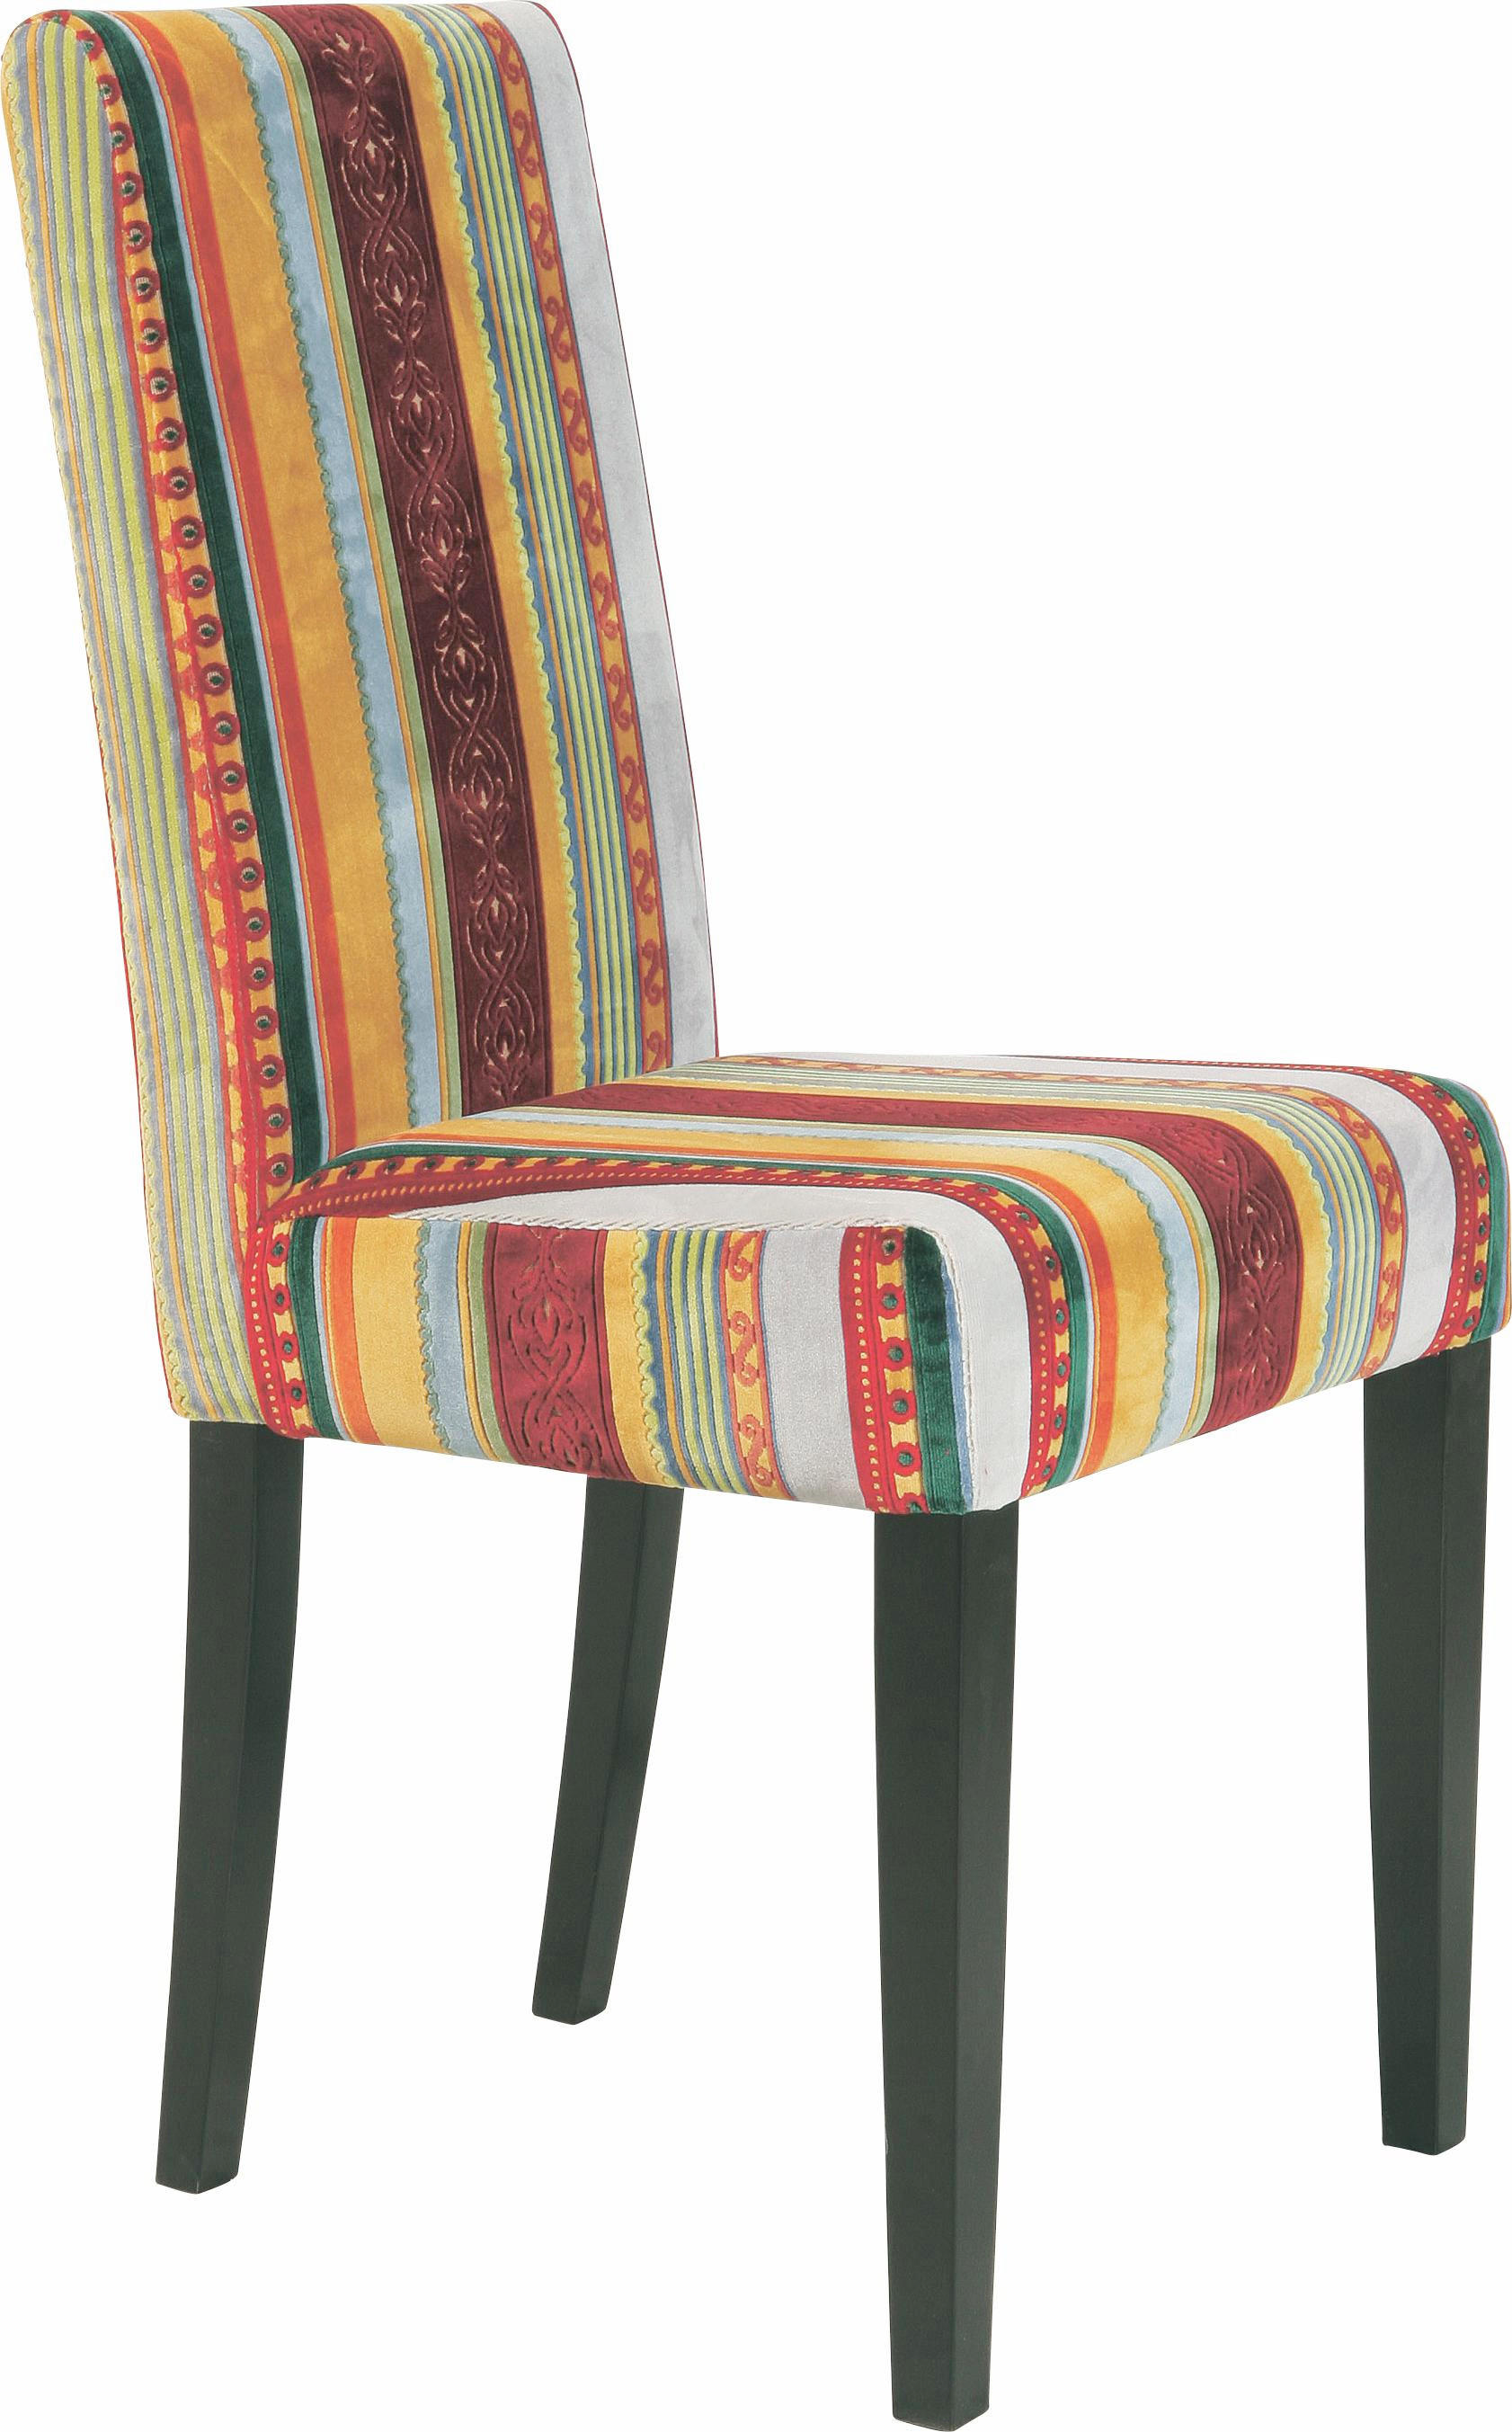 STUHL Multicolor - Multicolor, Design, Holz/Textil (45/96/50cm) - KARE-Design